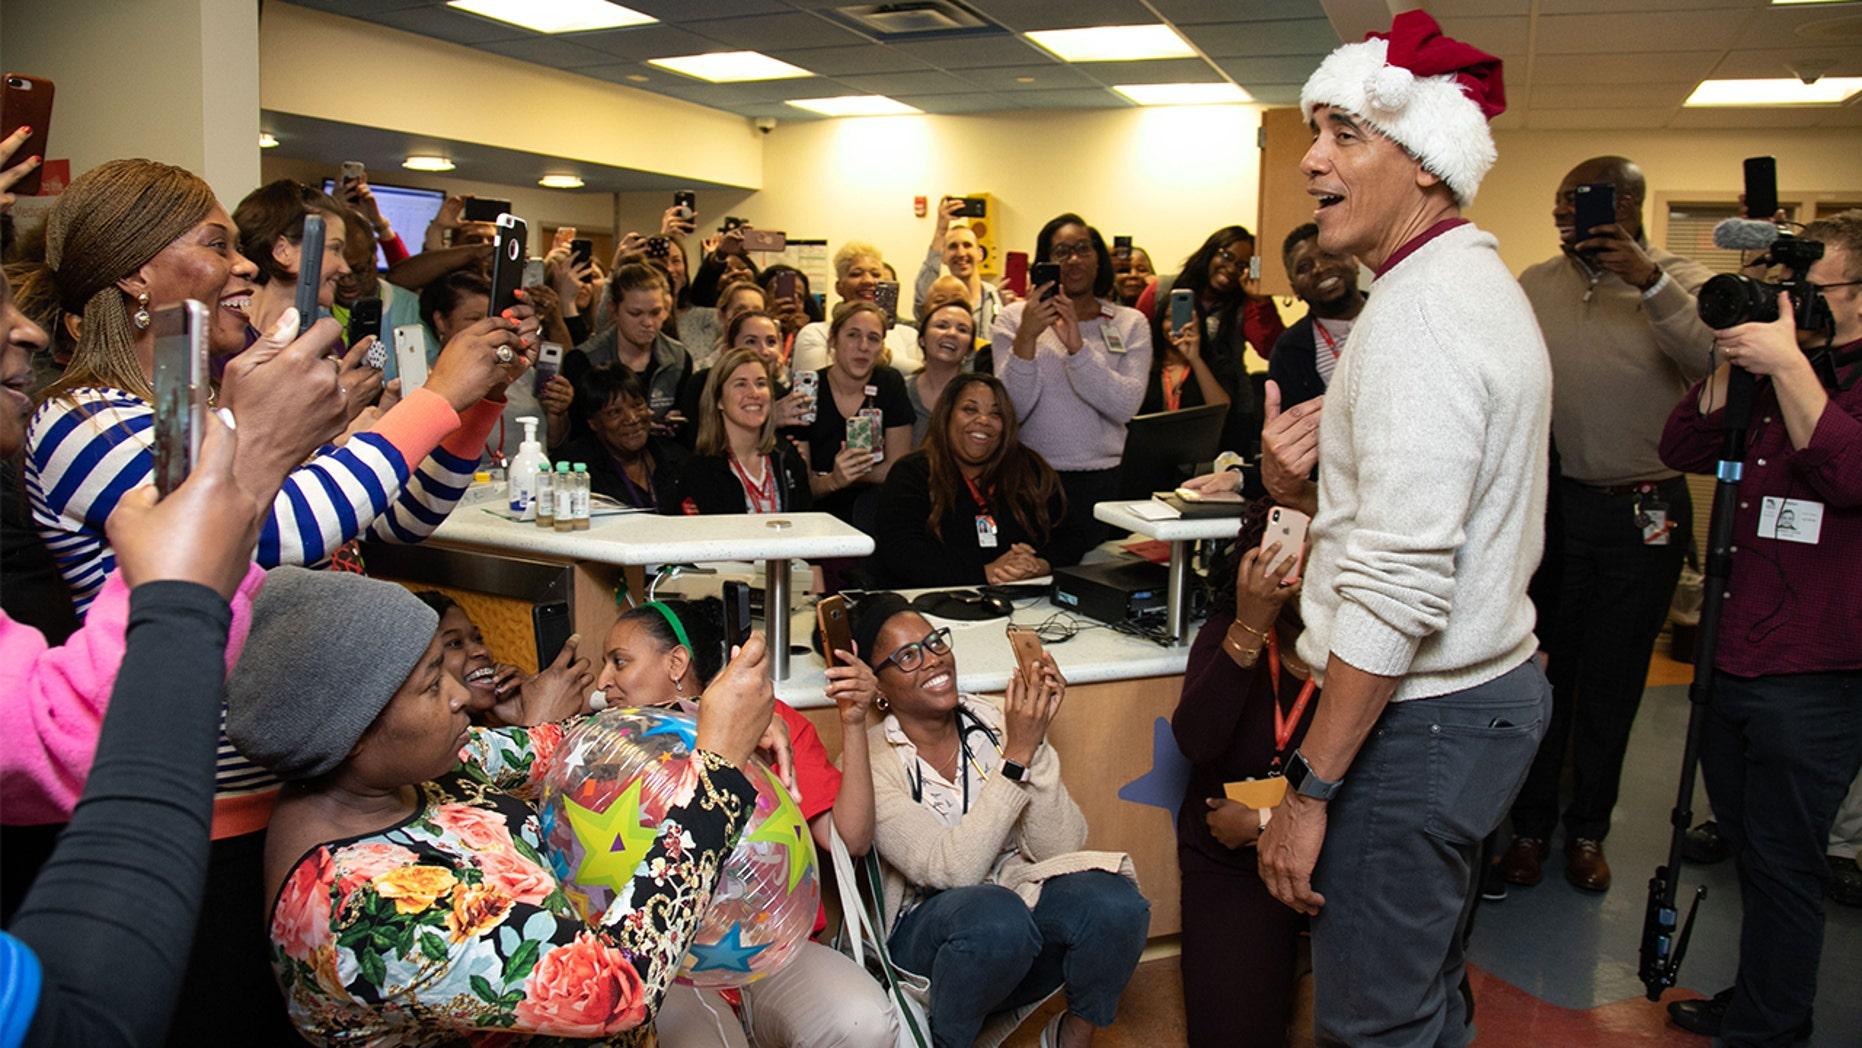 Barack Obama delivers presents to kids at children's hospital